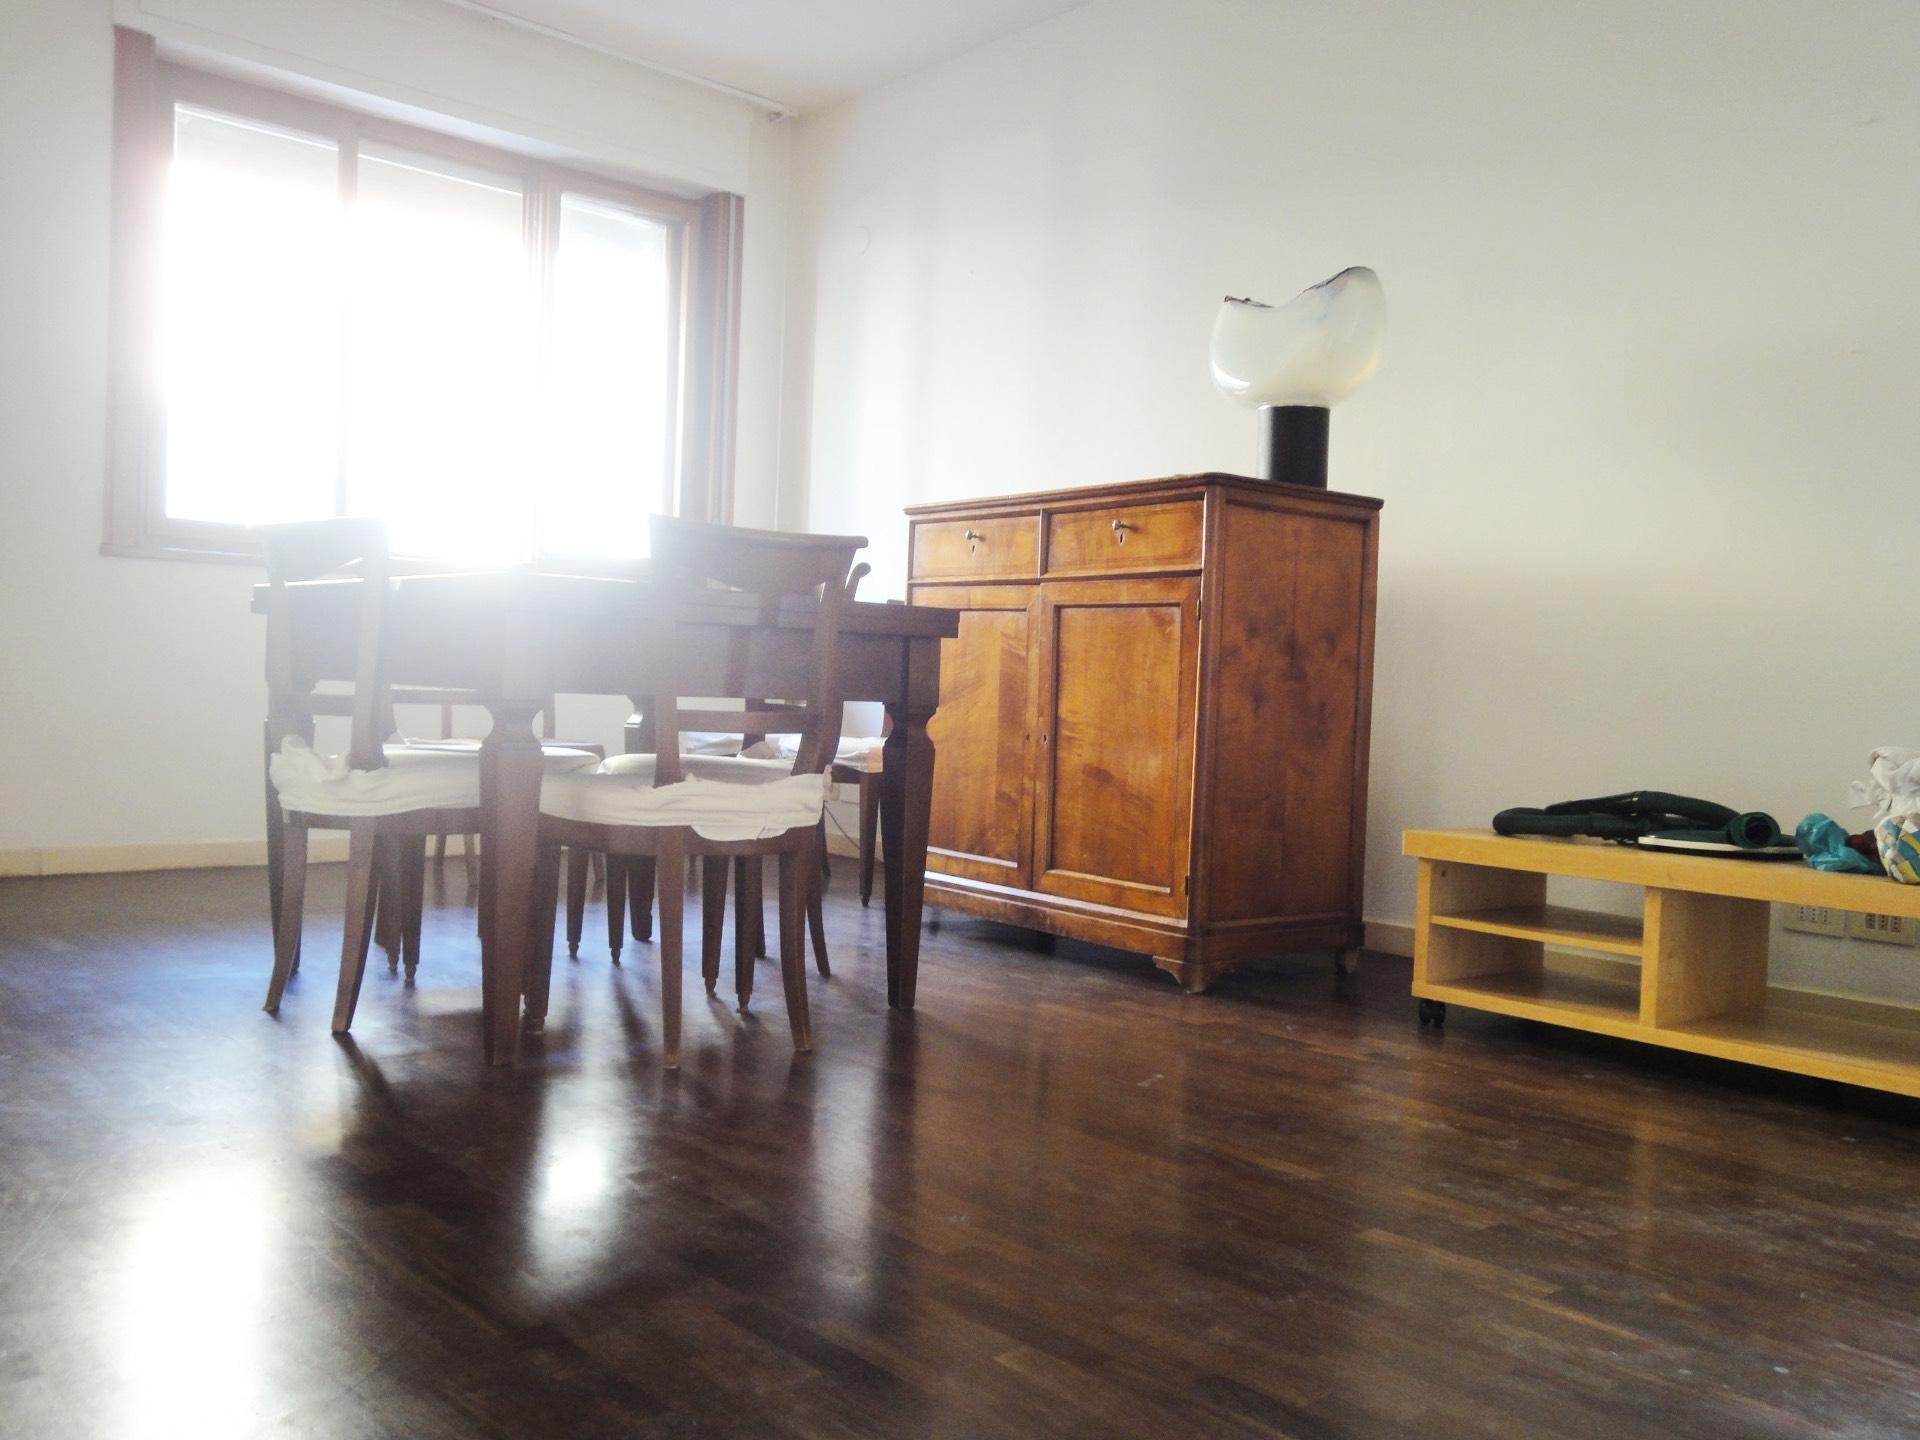 Appartamento in affitto a Pontedera, 5 locali, zona Località: Centro, prezzo € 650   CambioCasa.it